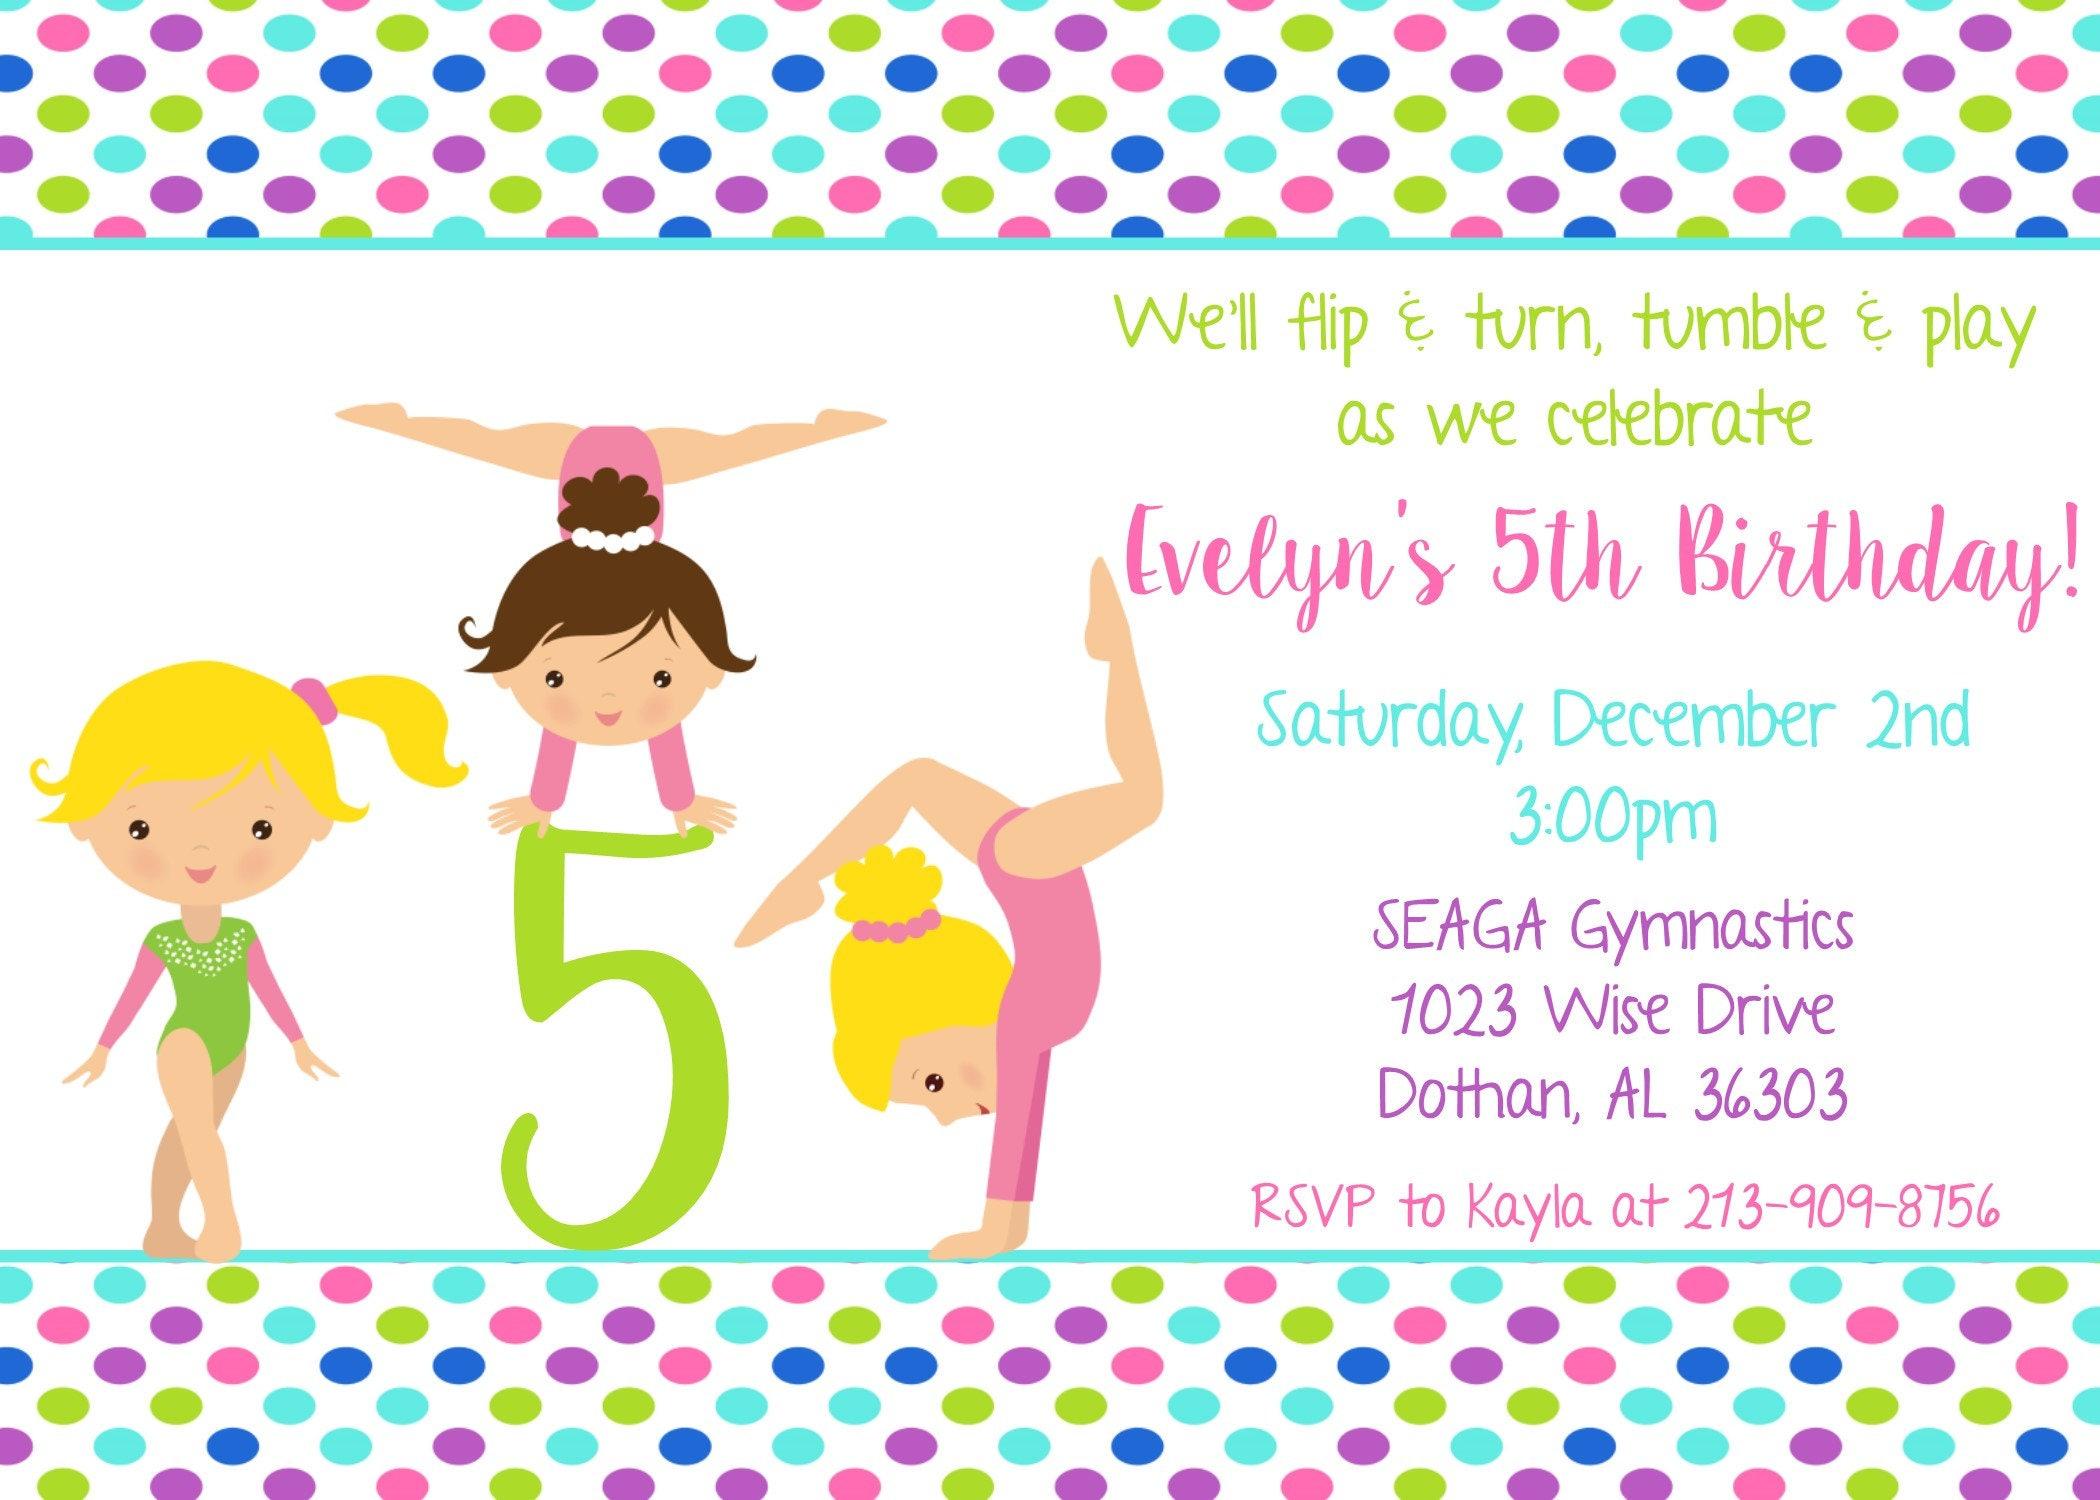 Gymnastics birthday invitation gym party girls birthday party dance ...